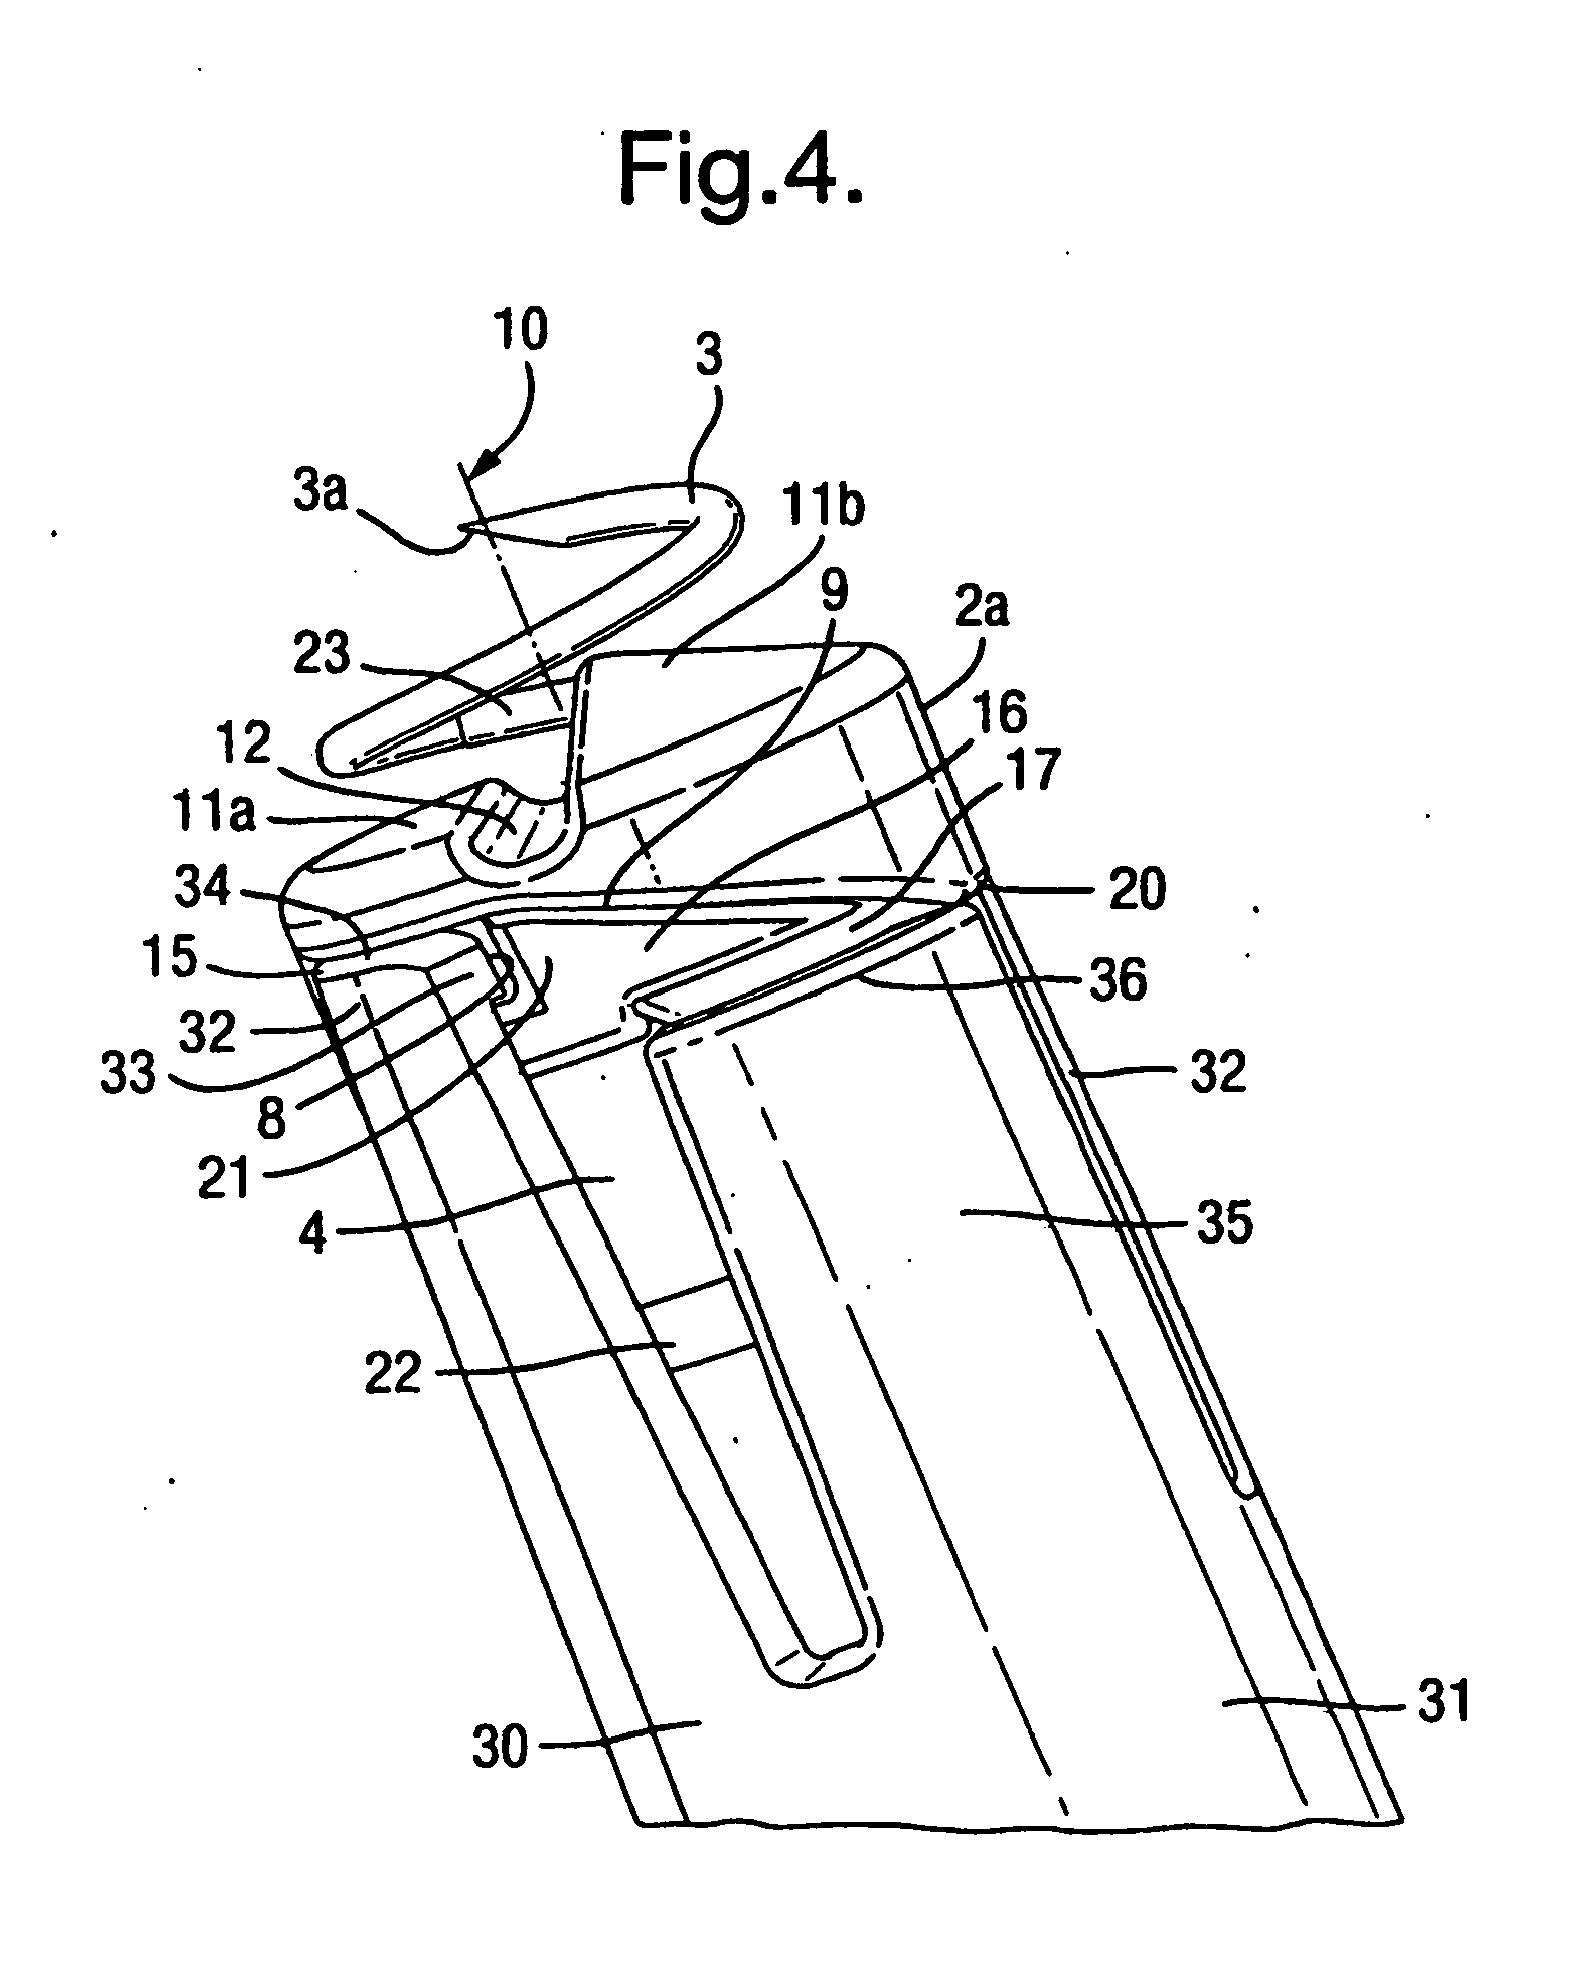 Honda odyssey sliding door parts diagram images album losro